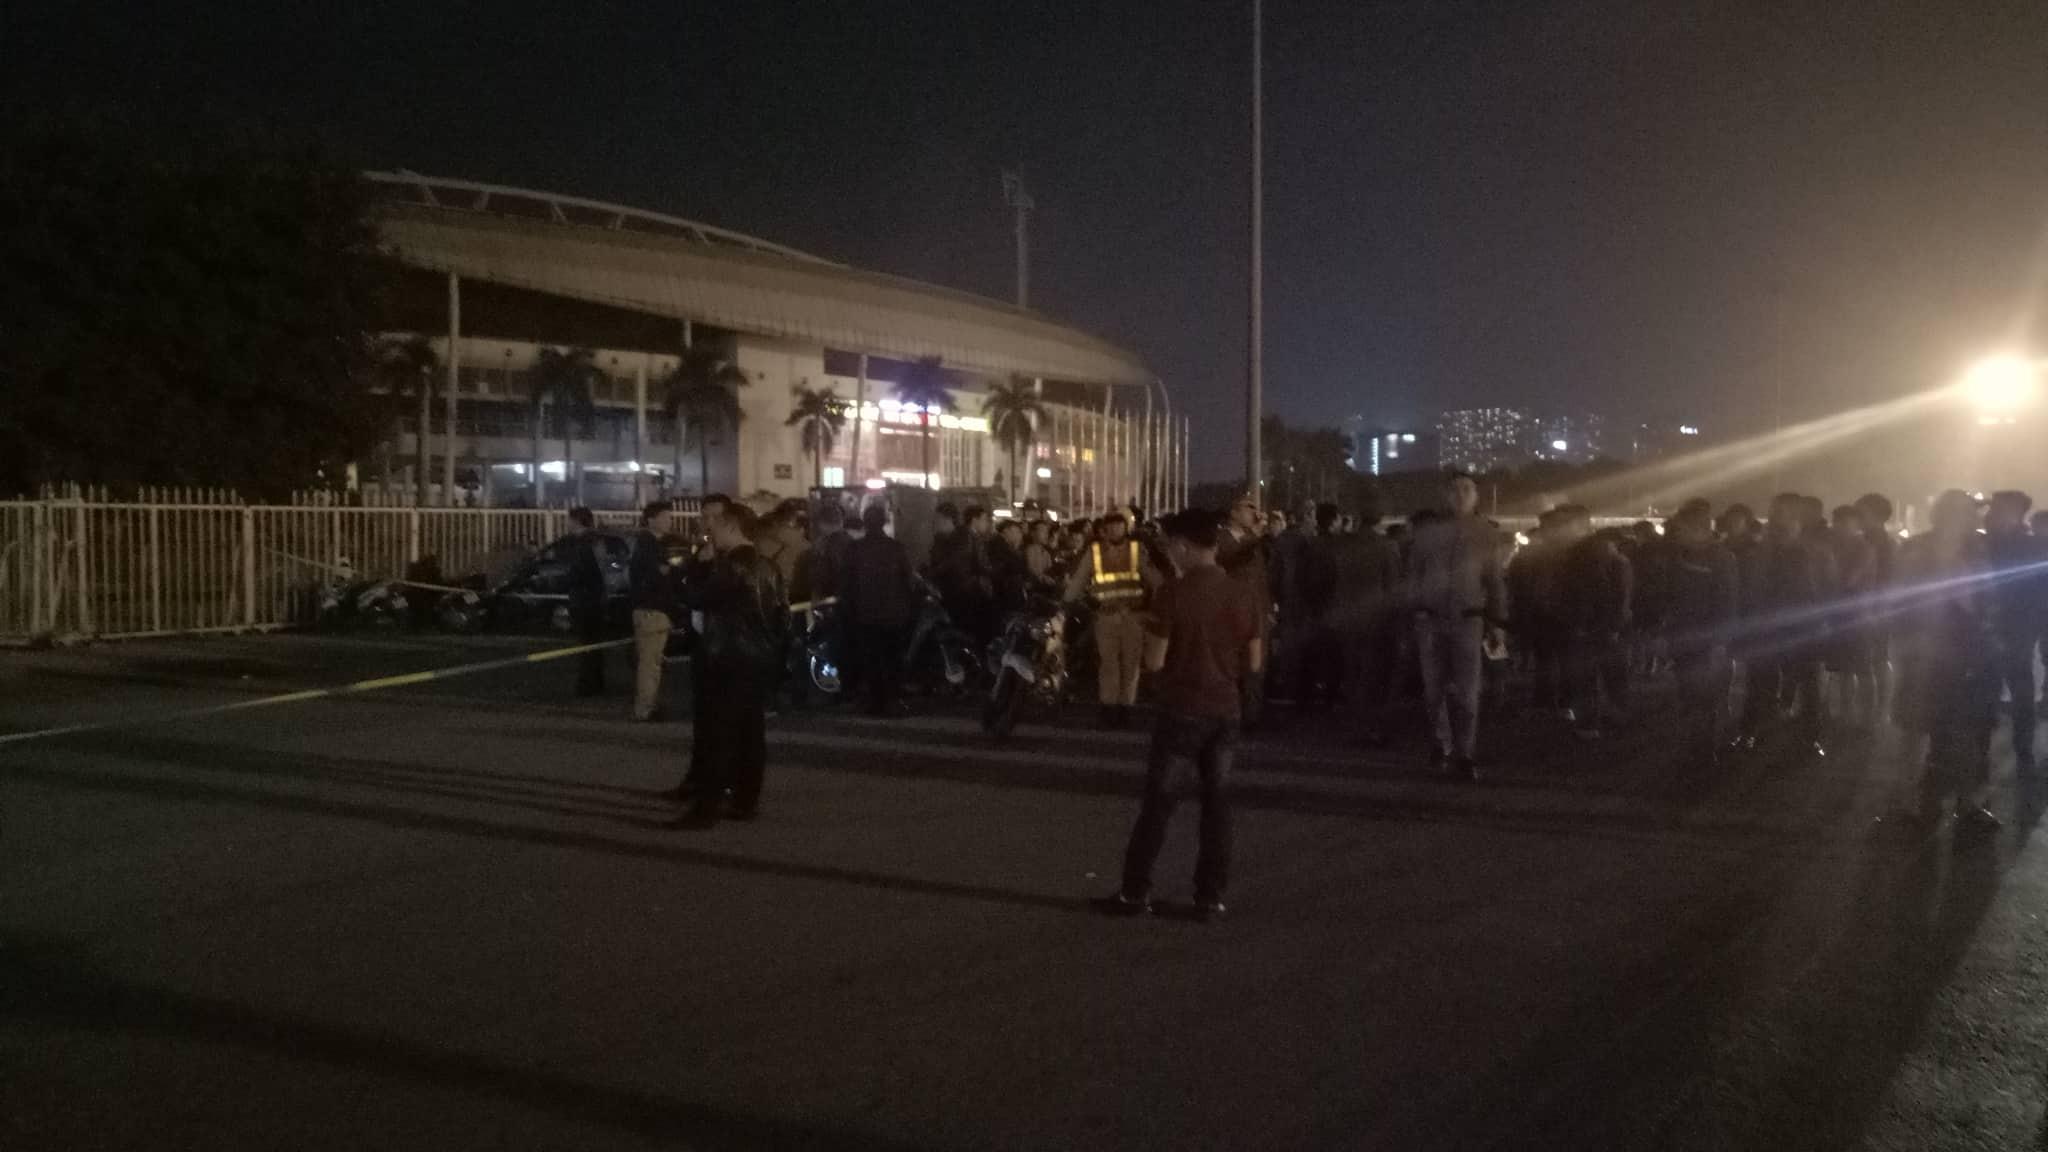 Hà Nội: Điều tra vụ tài xế taxi ôm cổ chảy máu lao khỏi xe, gục chết trước cửa SVĐ Mỹ Đình - Ảnh 3